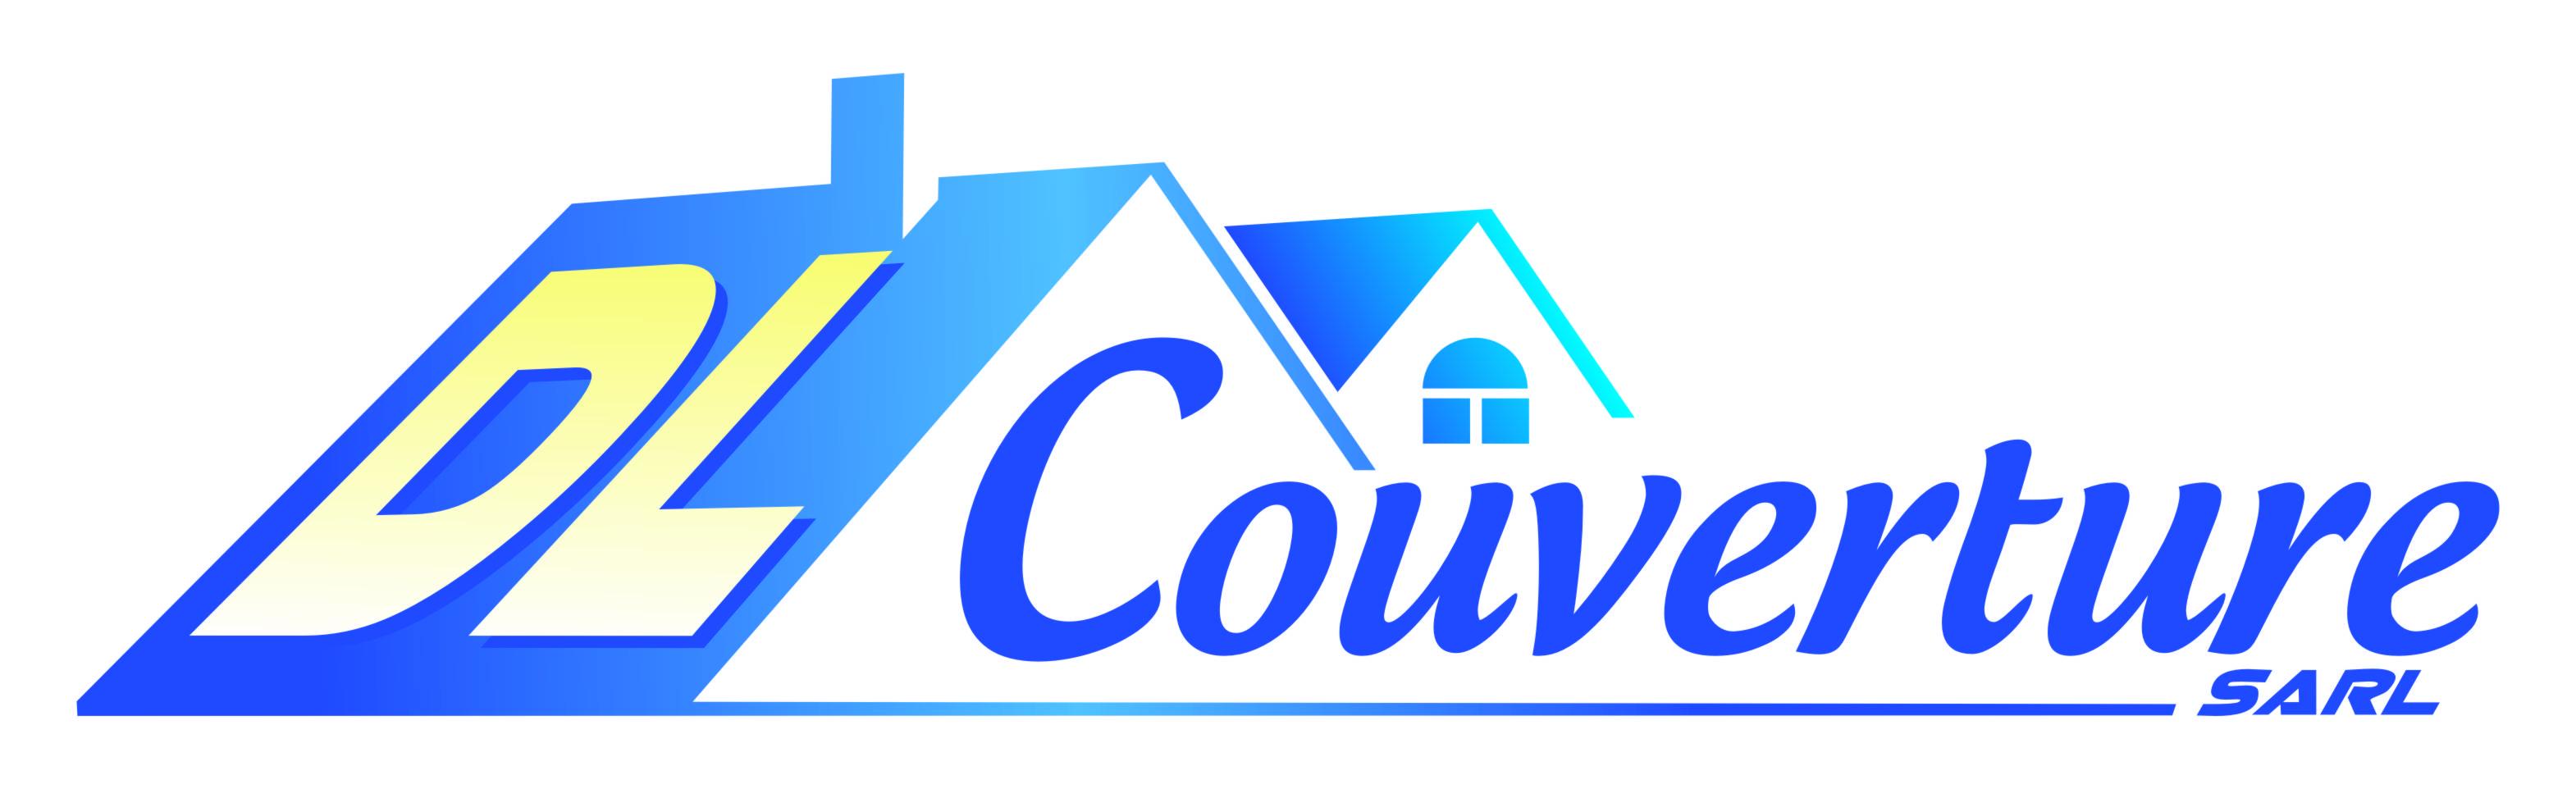 D-L COUVERTURE